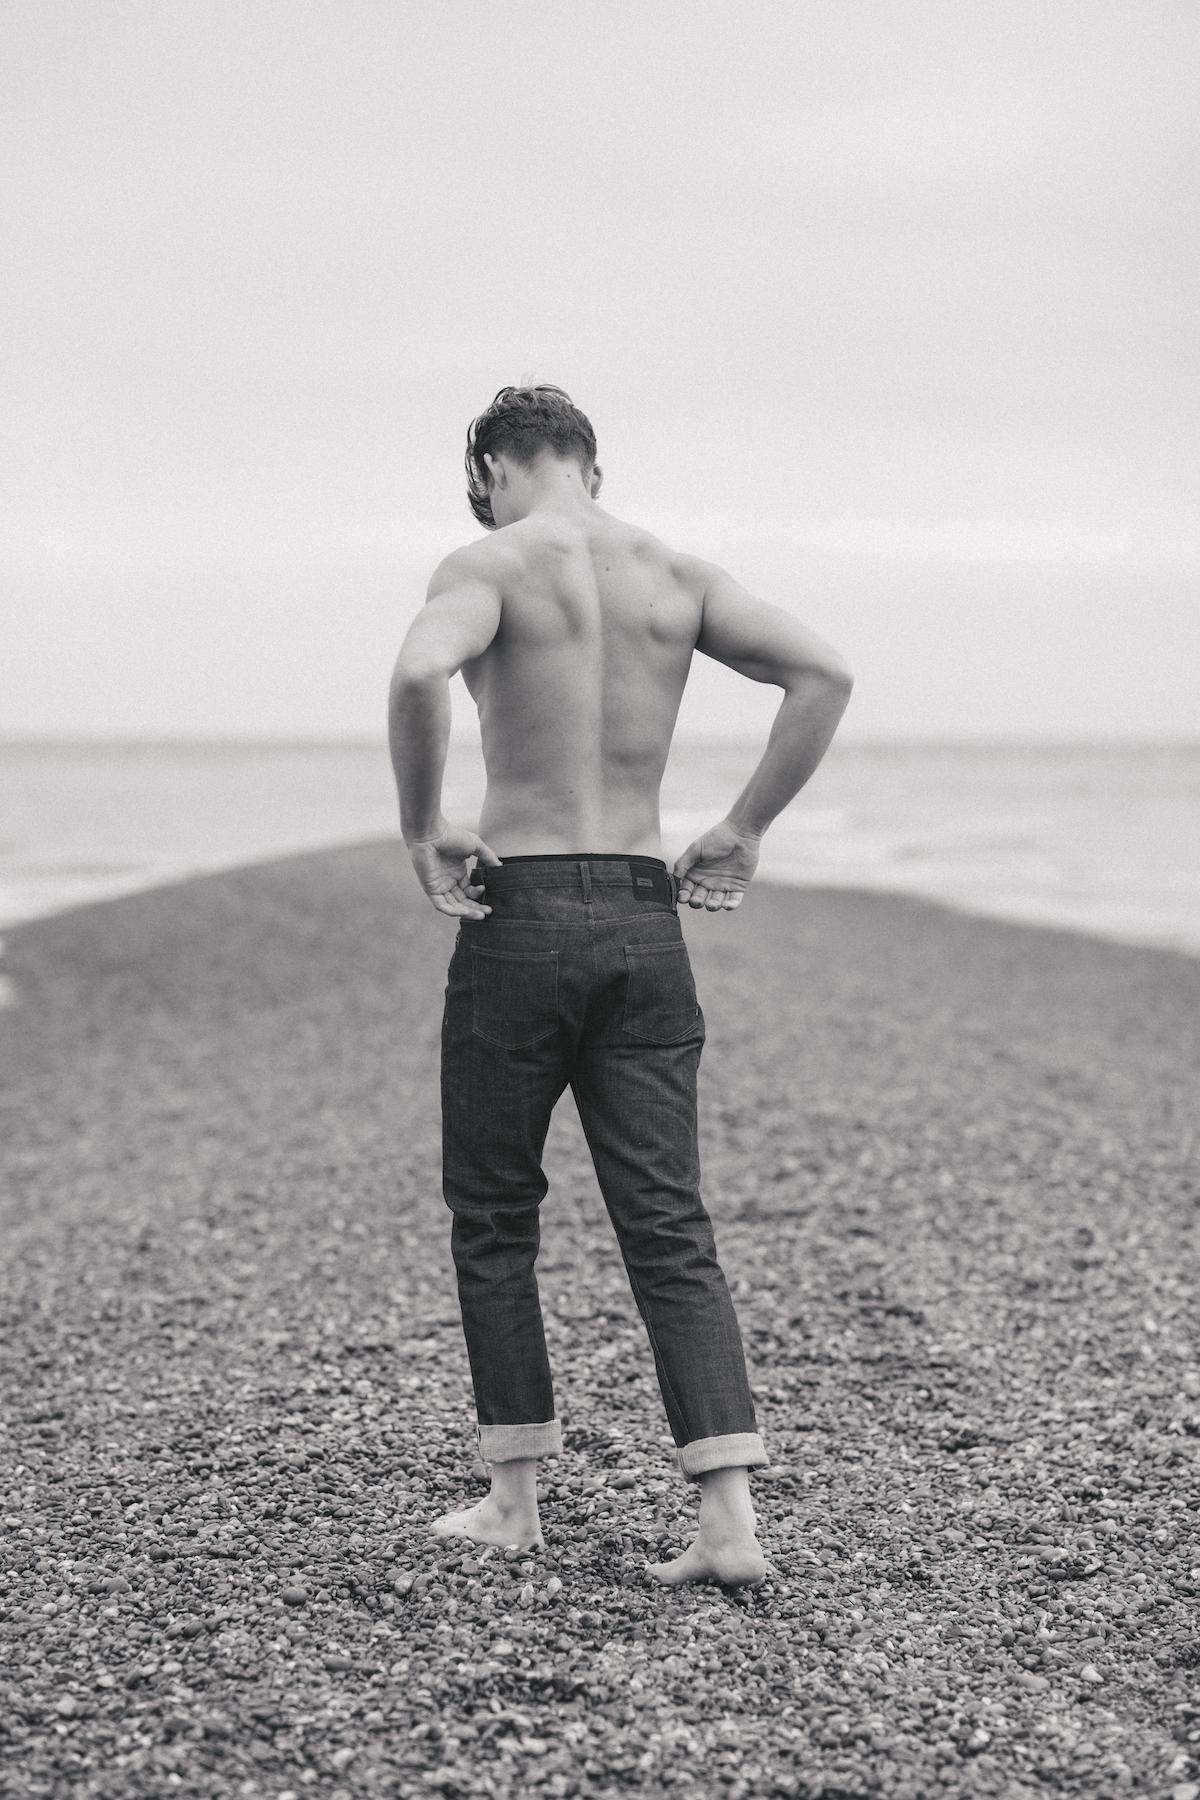 dan_j_williams_denim_jeans_seaside_unravel_productions_001.jpg